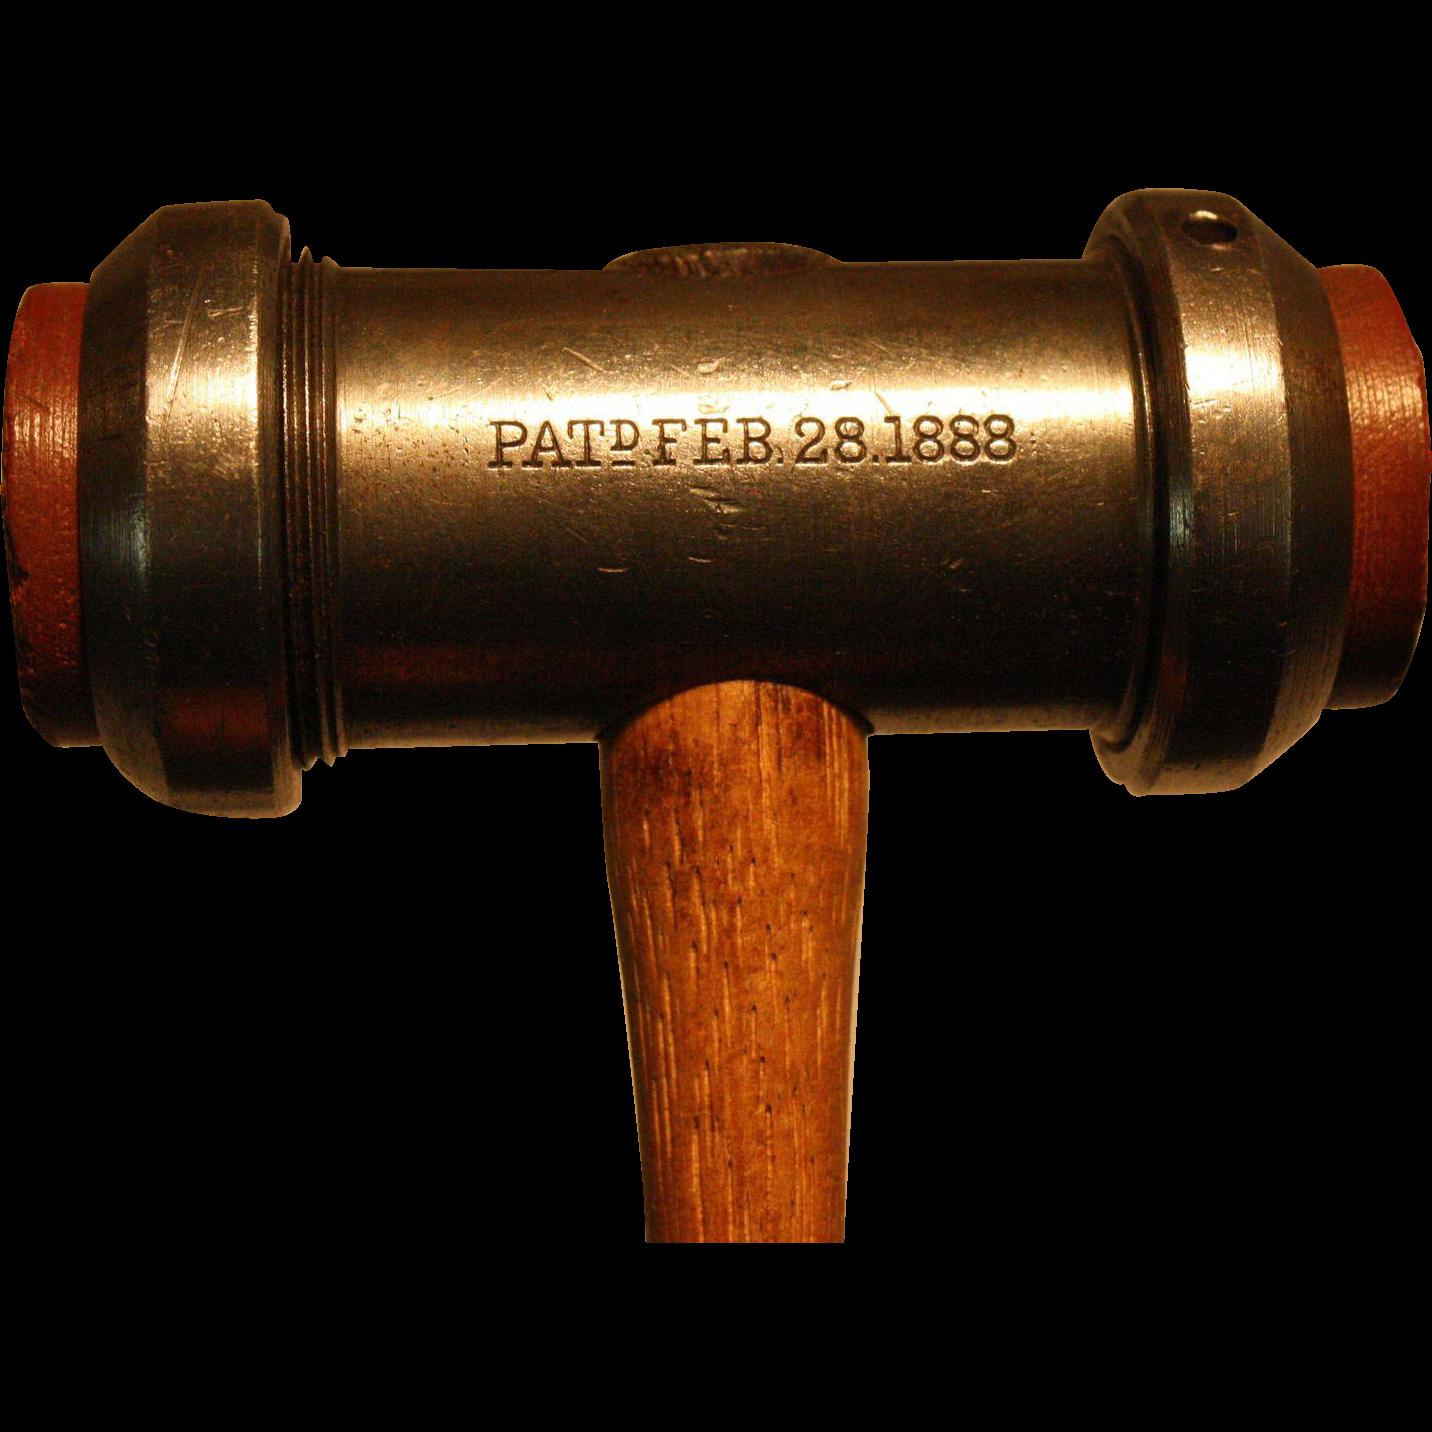 Unique Interchangeable Peen Jewelers Hammer 1888